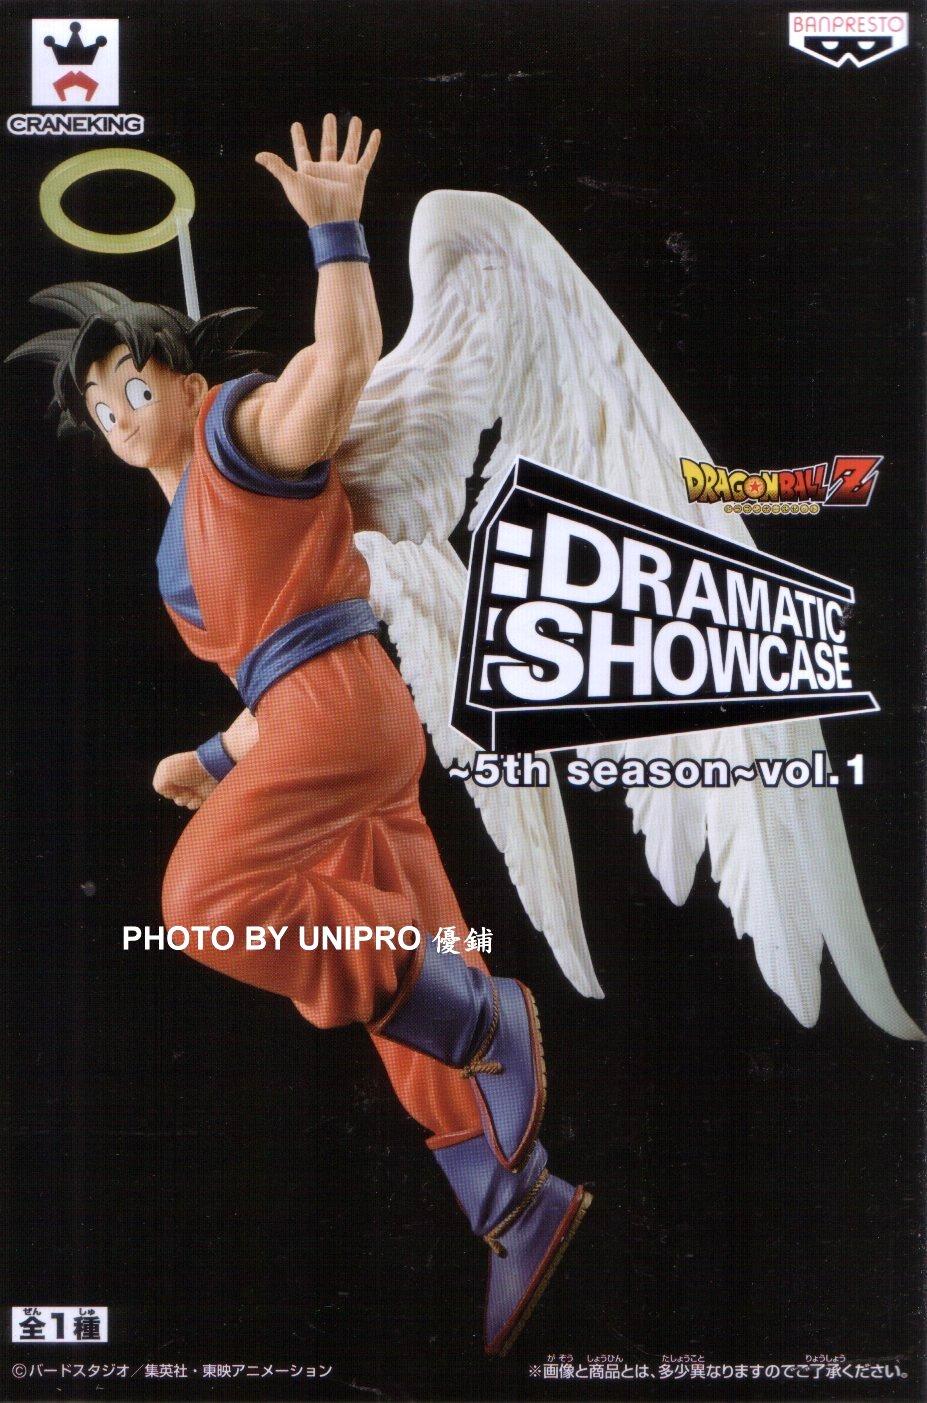 台灣代理版 七龍珠Z 經典 名場景 Dramatic Showcase 5th season VOL.1 孫悟空 悟空 天使 公仔